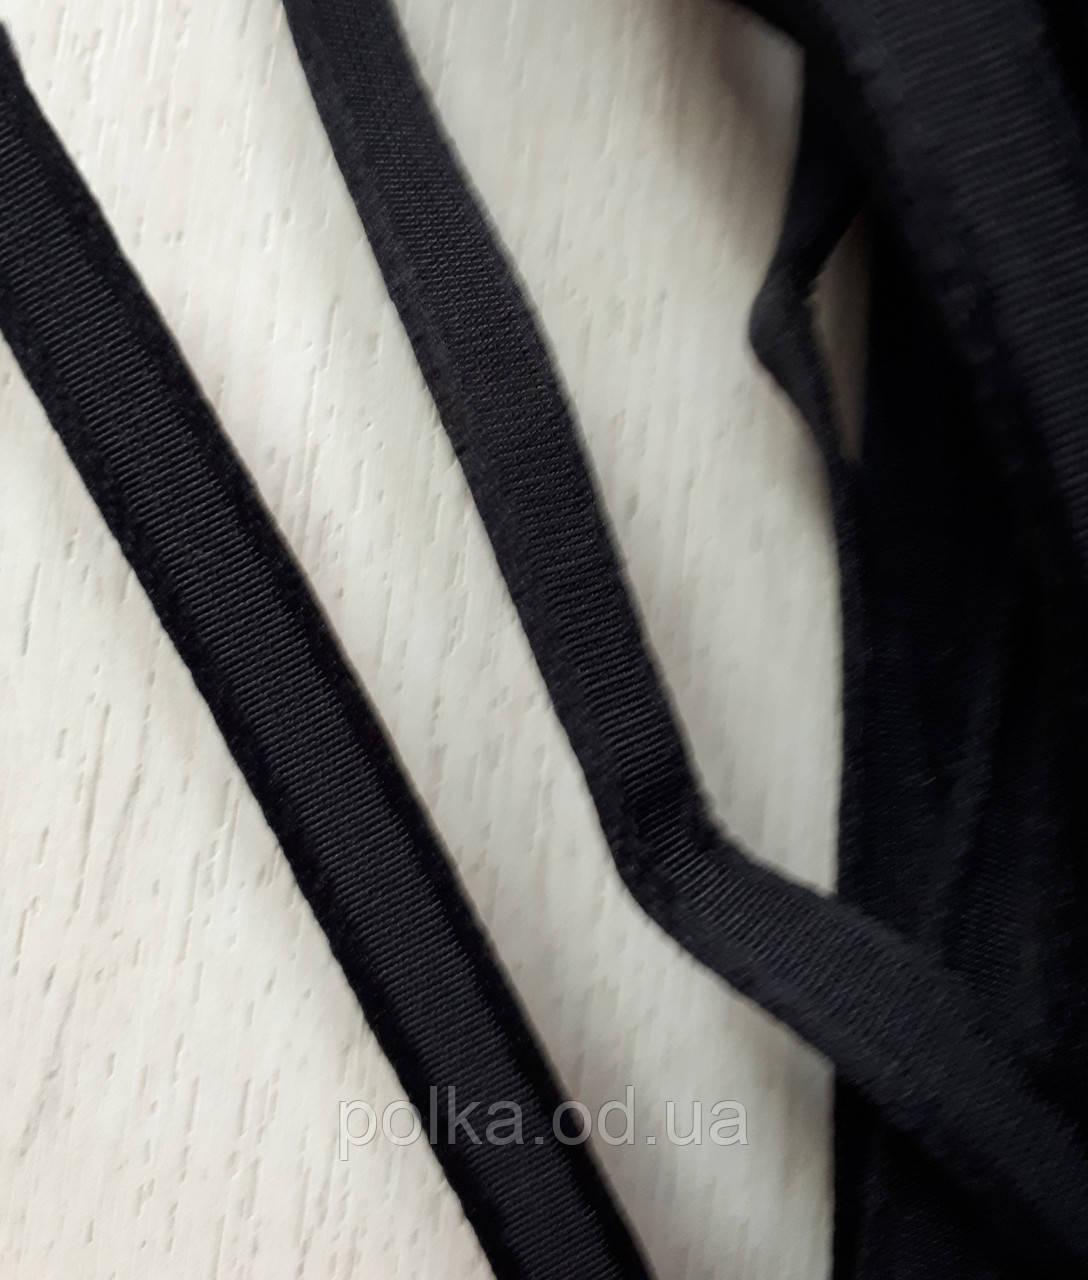 Тунельна стрічка чорна плоска, ширина 1см, колір чорний (Туреччина)